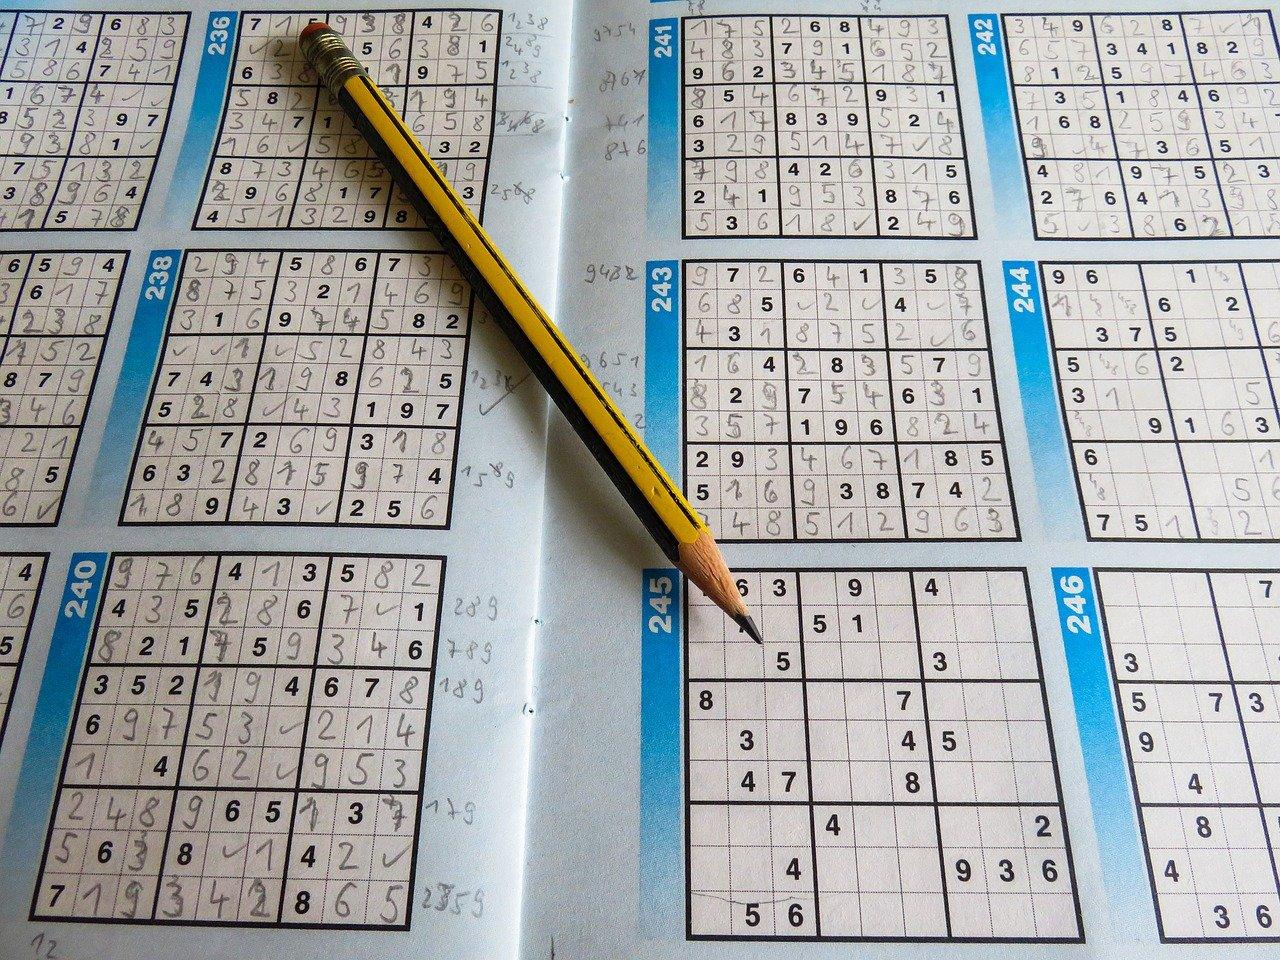 W jaki sposób najlepiej rozwiązywać sudoku